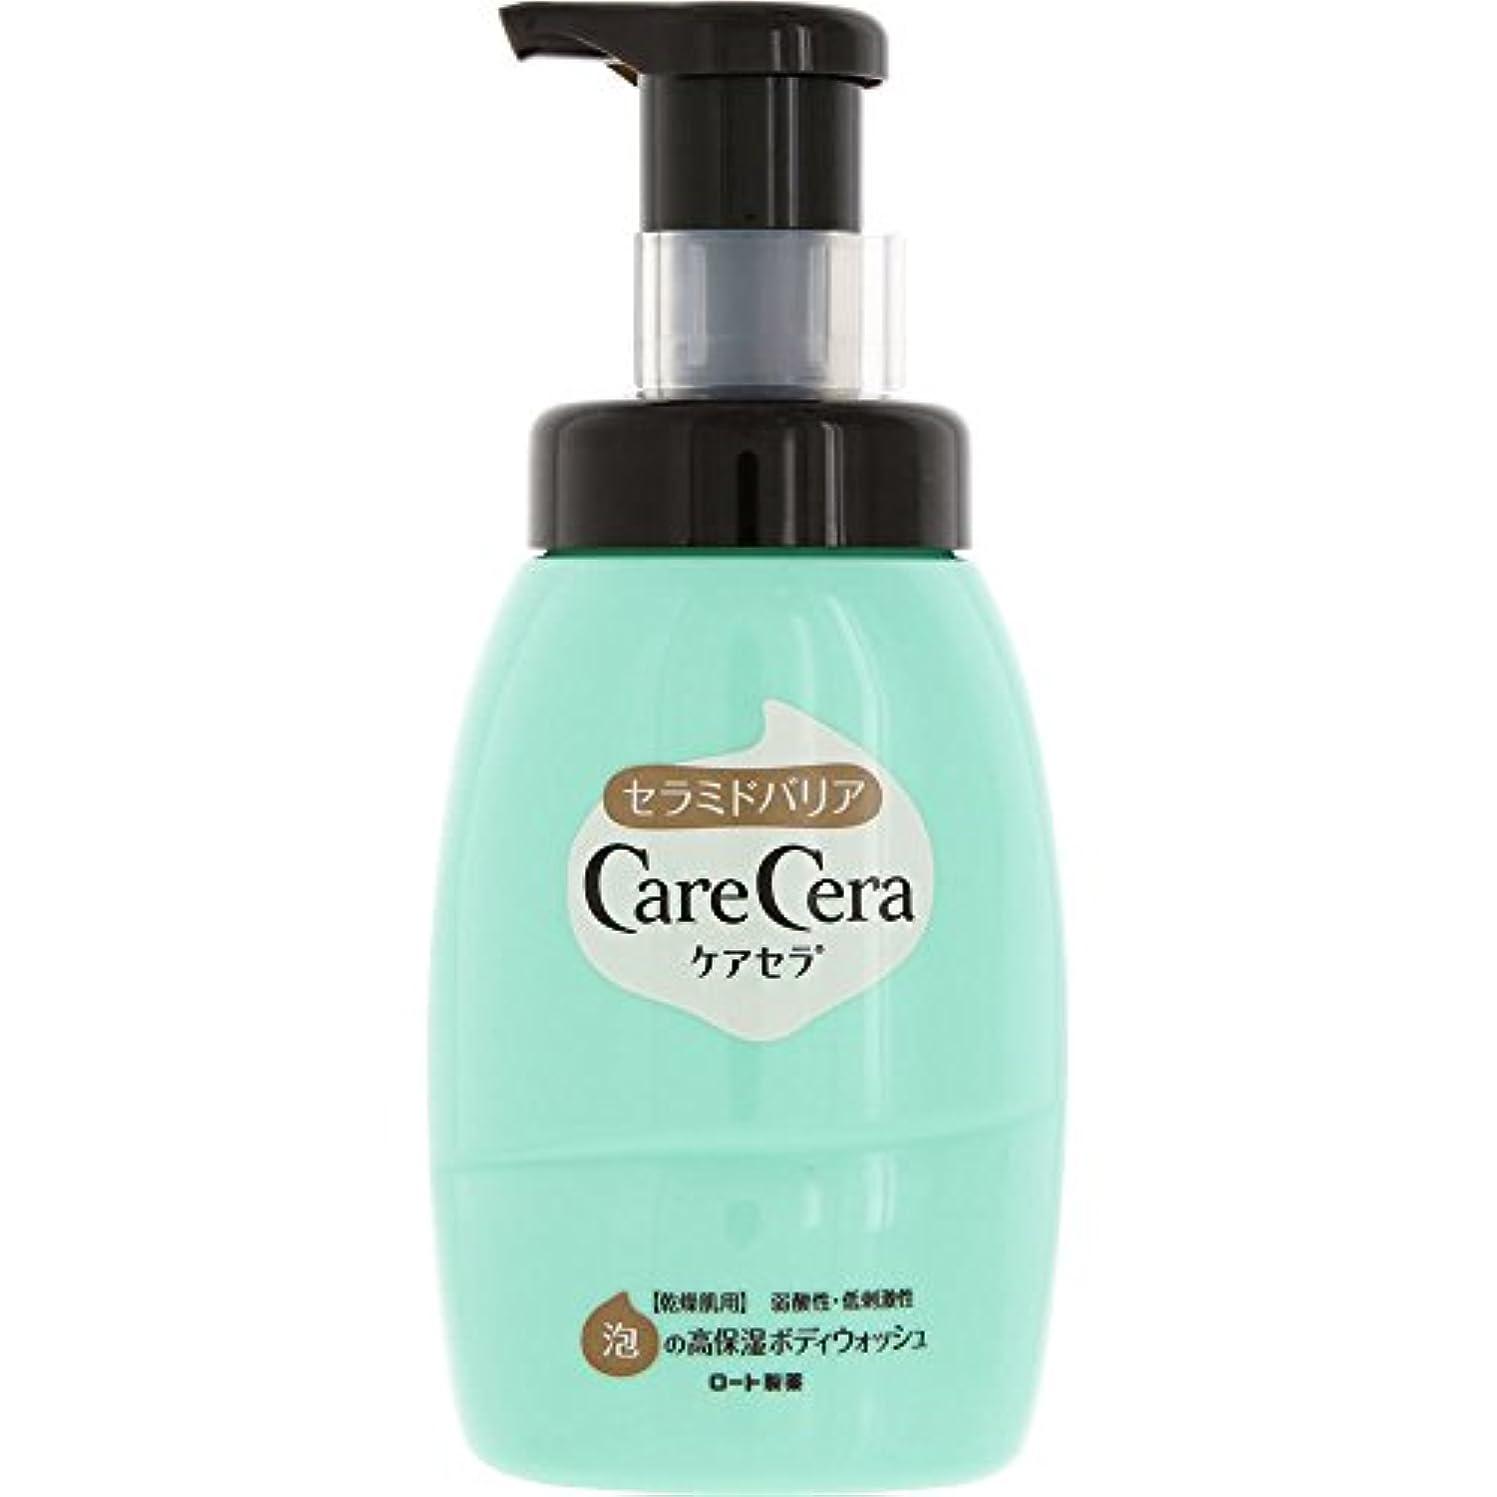 ぐったり画像些細なケアセラ(CareCera) ロート製薬 ケアセラ  天然型セラミド7種配合 セラミド濃度10倍泡の高保湿 全身ボディウォッシュ ピュアフローラルの香り お試し企画品 300mL